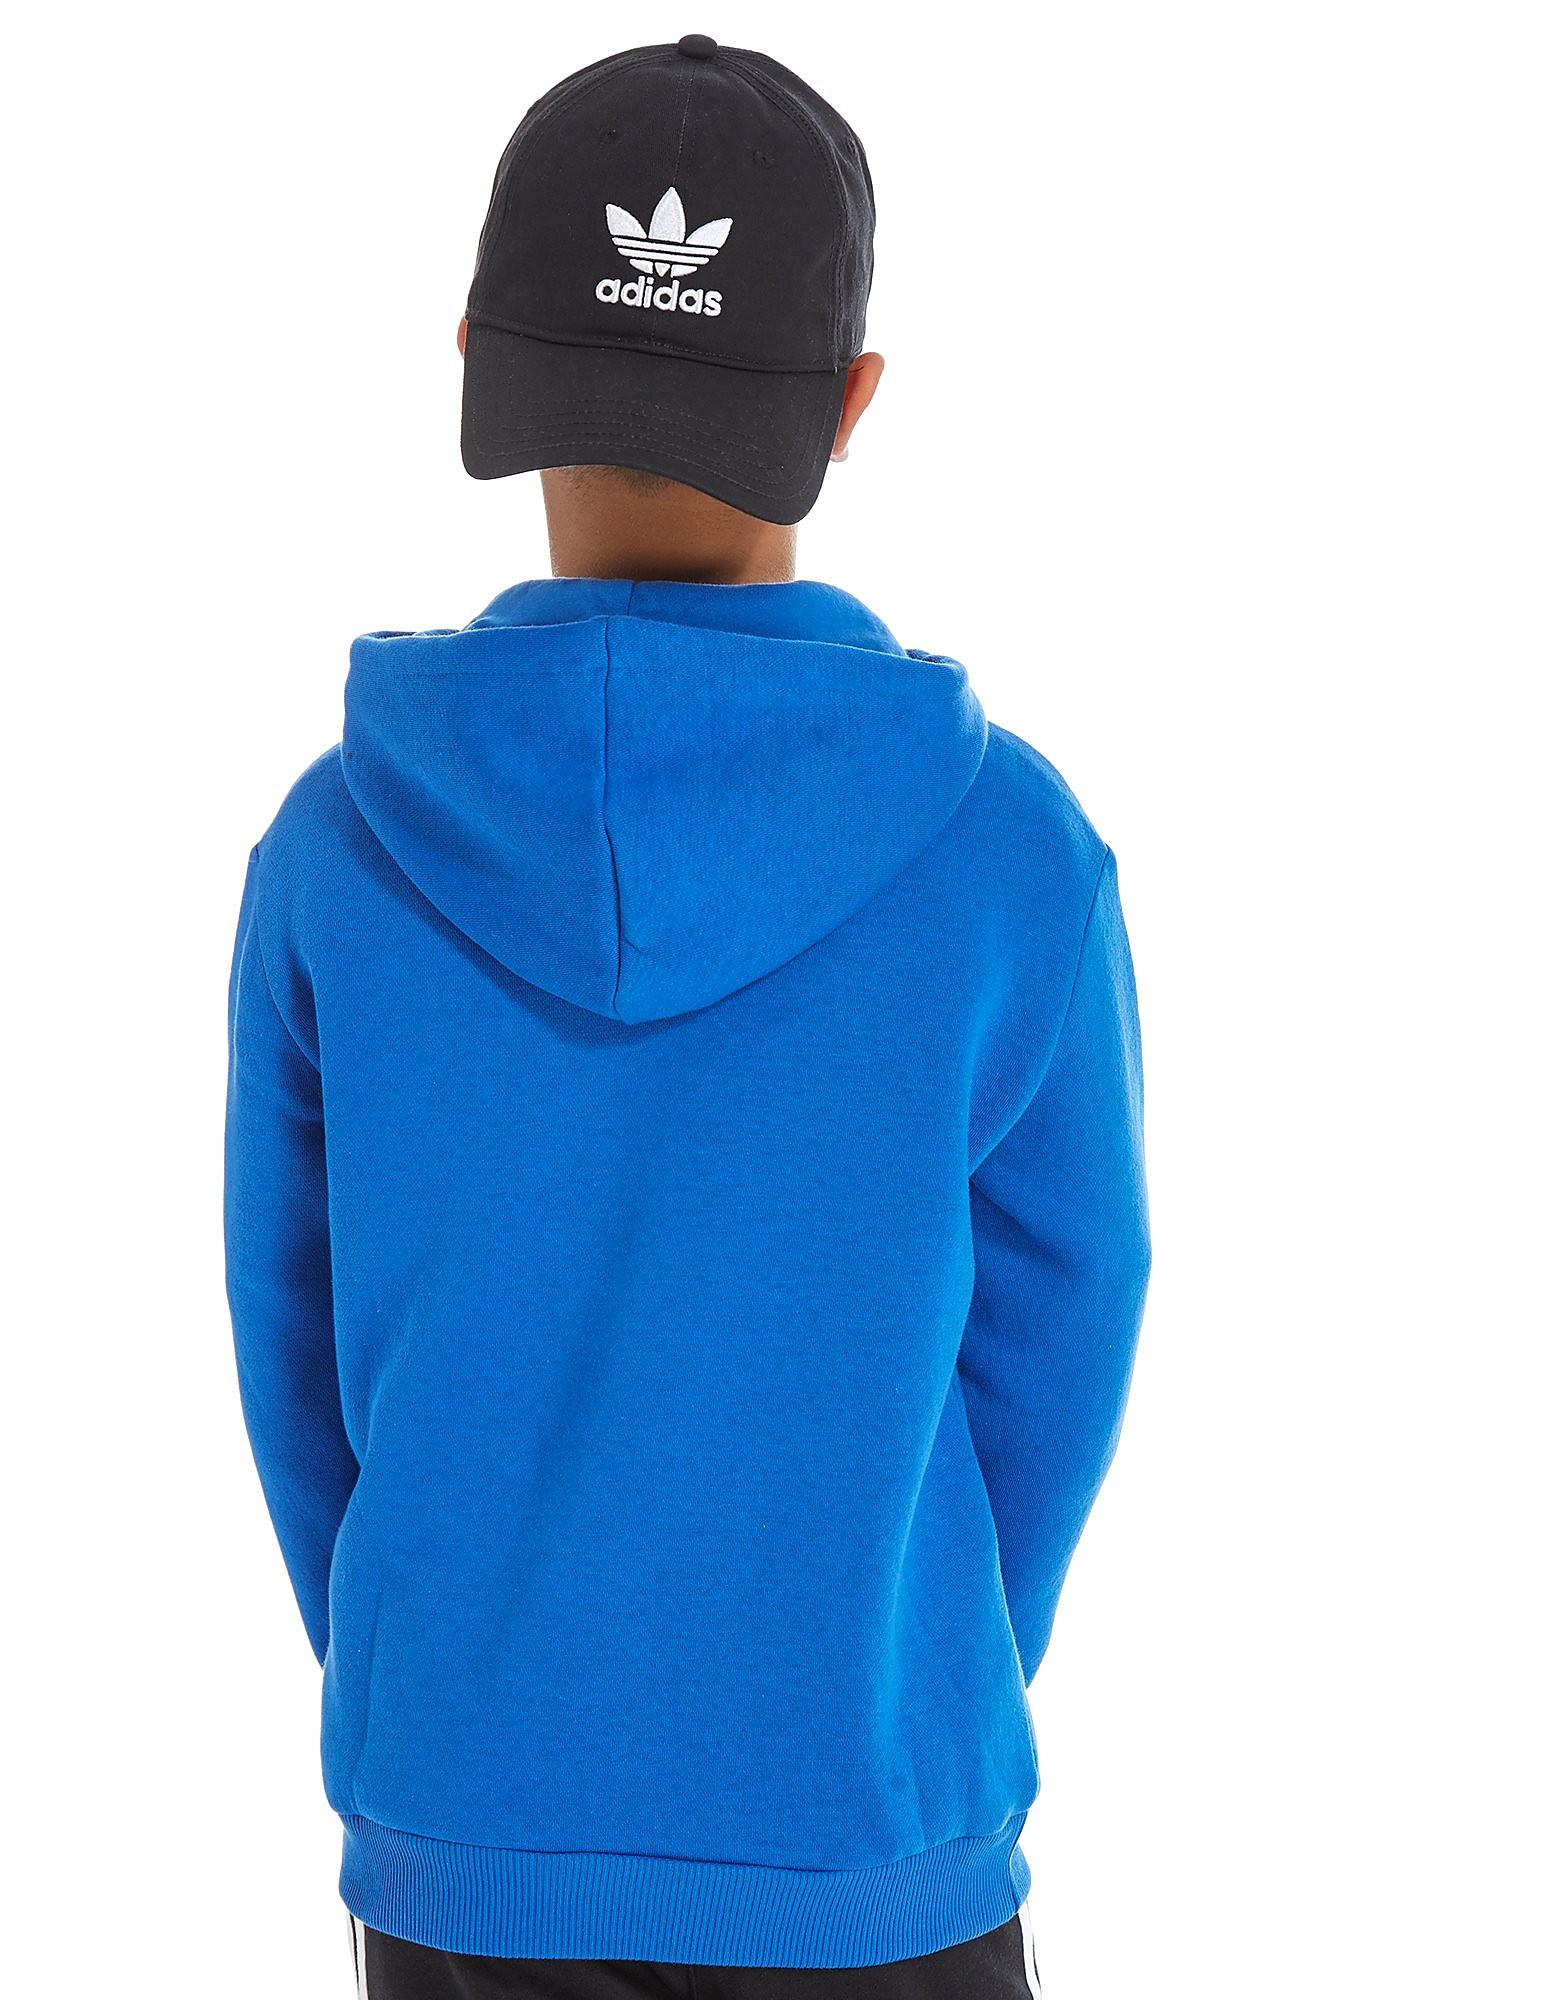 adidas Originals Trefoil Overhead Hoodie Junior